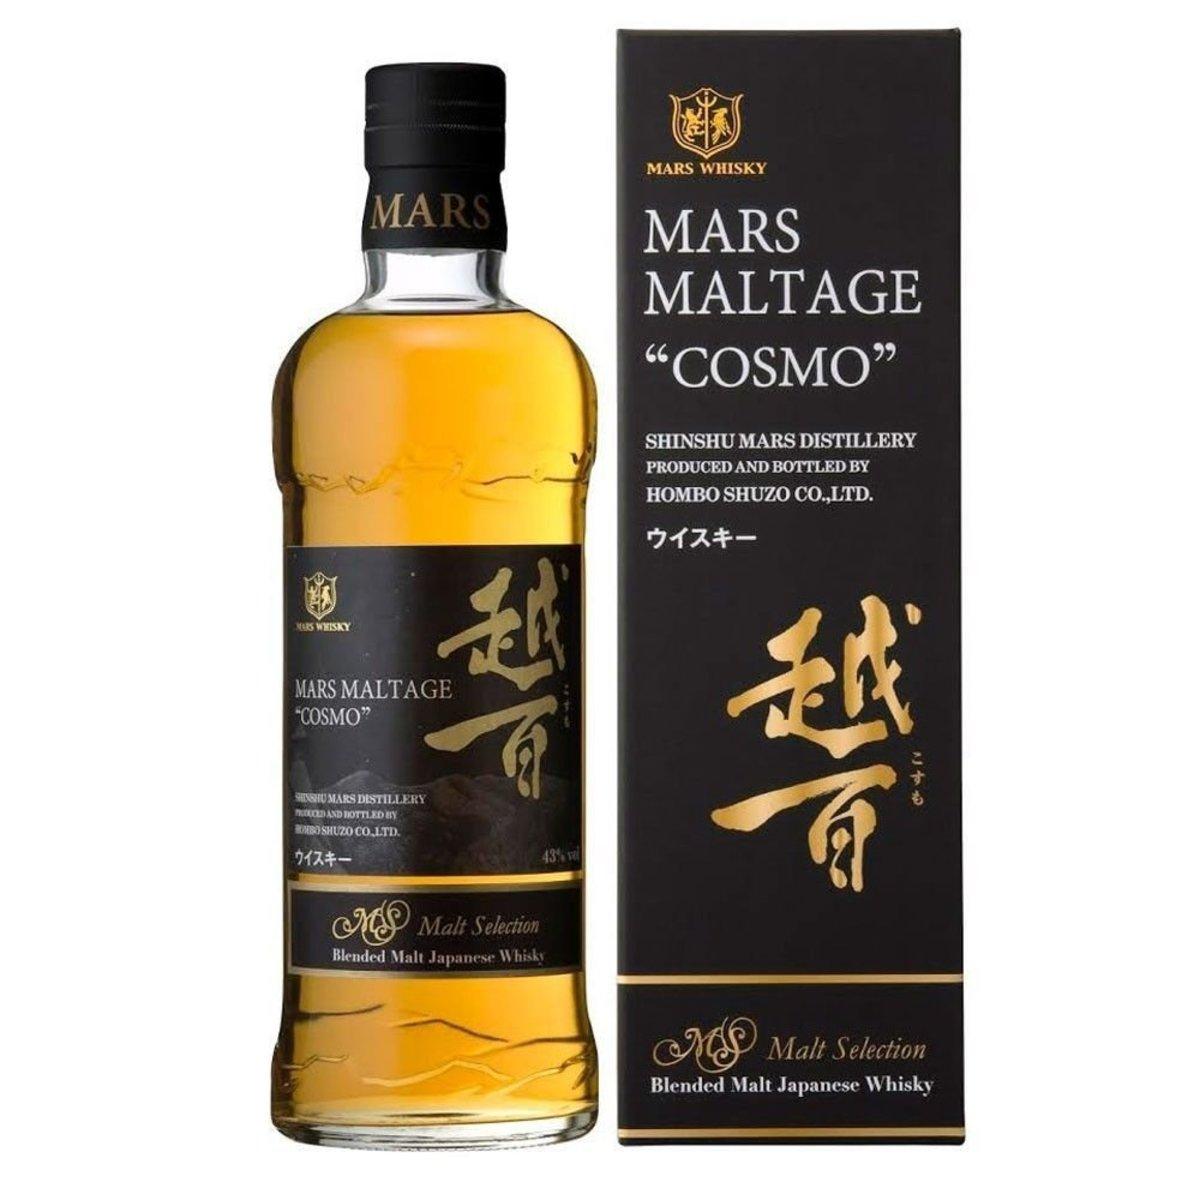 越百 MARS Maltage 'COSMO' Blended Malt Whisky 700ml  (4976881501164_1)